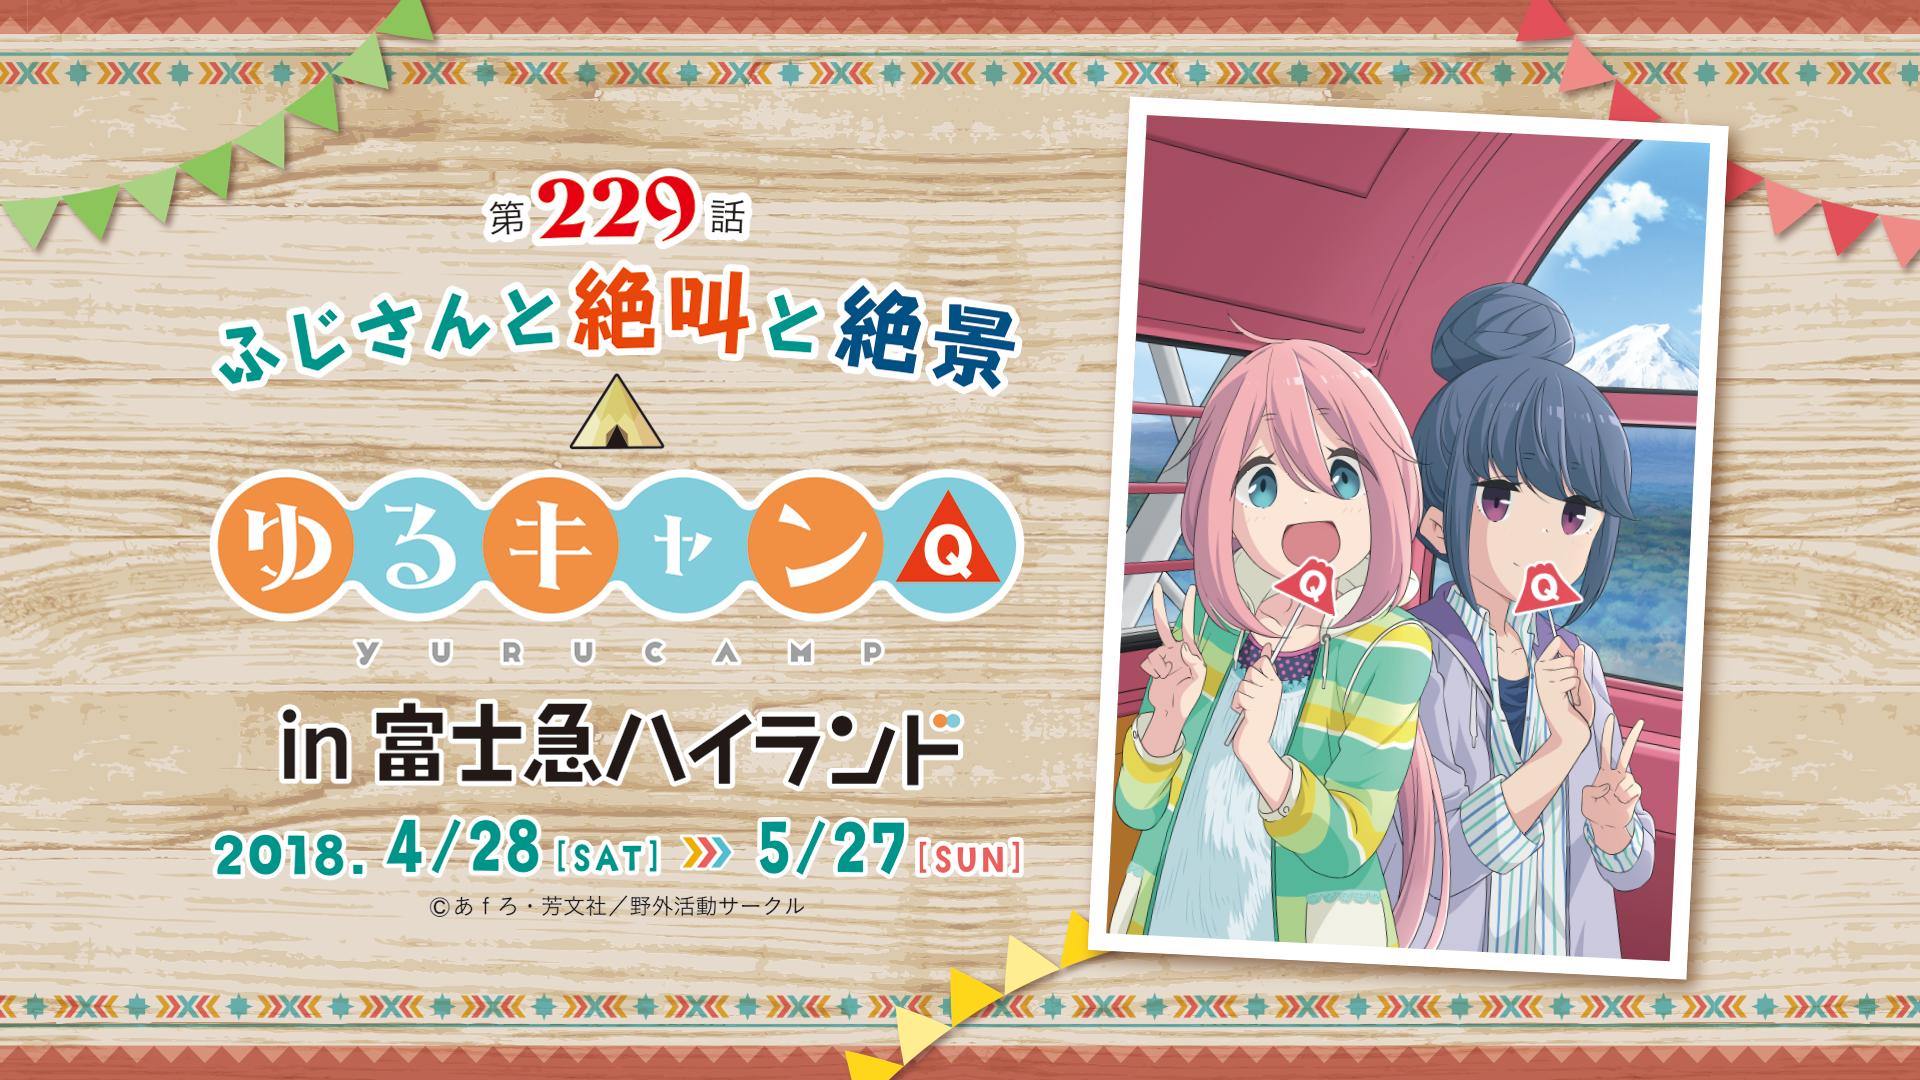 ゆるキャン△トーク&ライブショー】 2018年4月28日開催!!   SAMZ NEWS